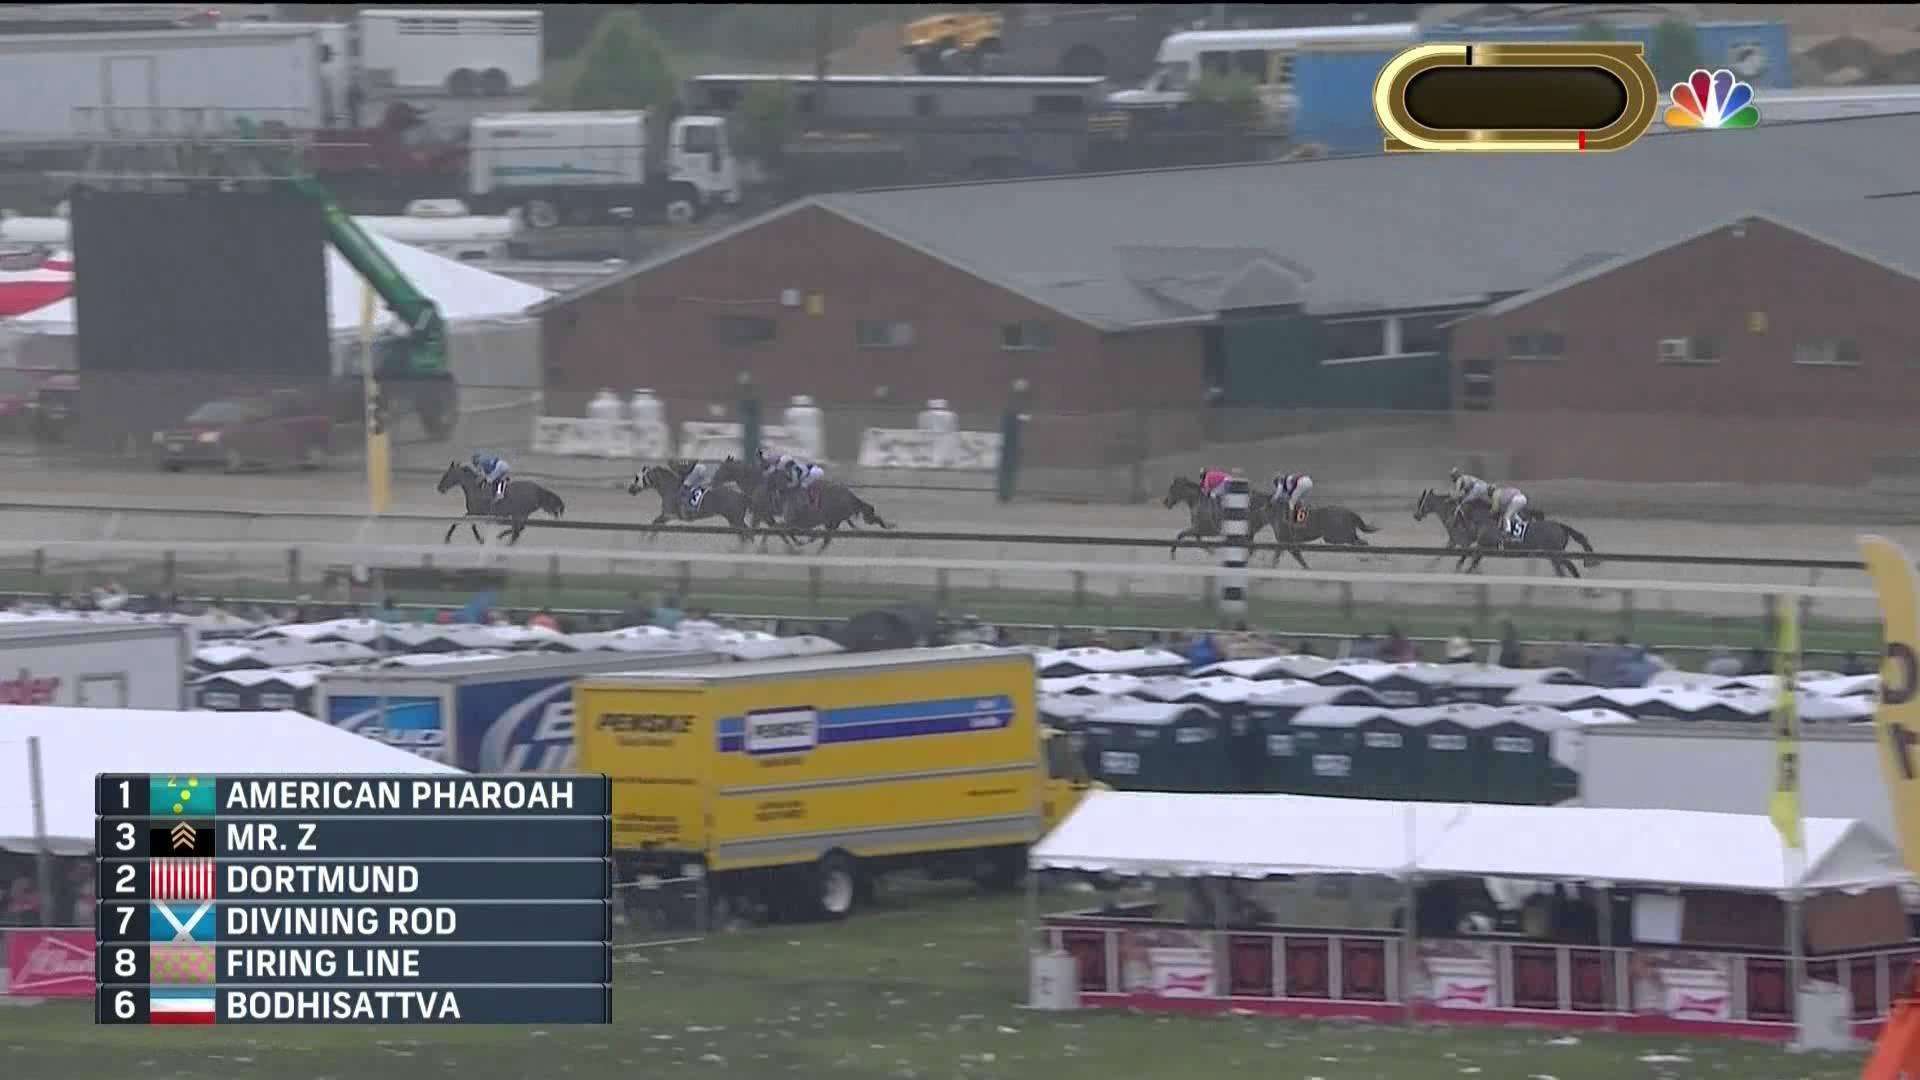 【プリークネスS】アメリカンフェイロー7馬身圧勝で2冠達成